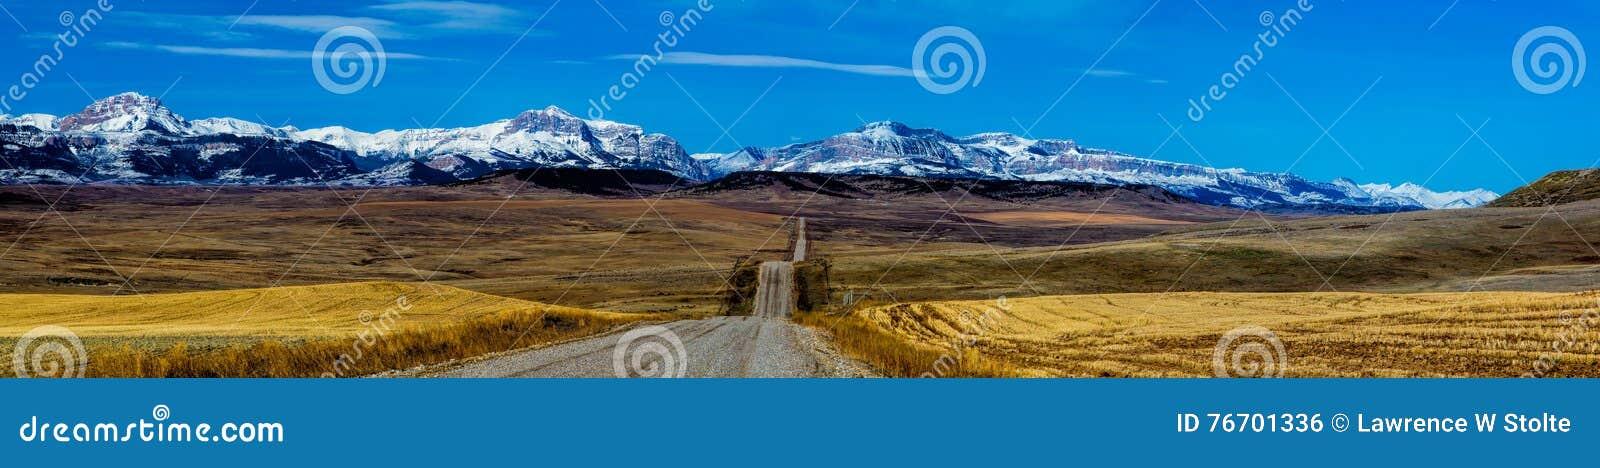 Den långa vägen till bergen